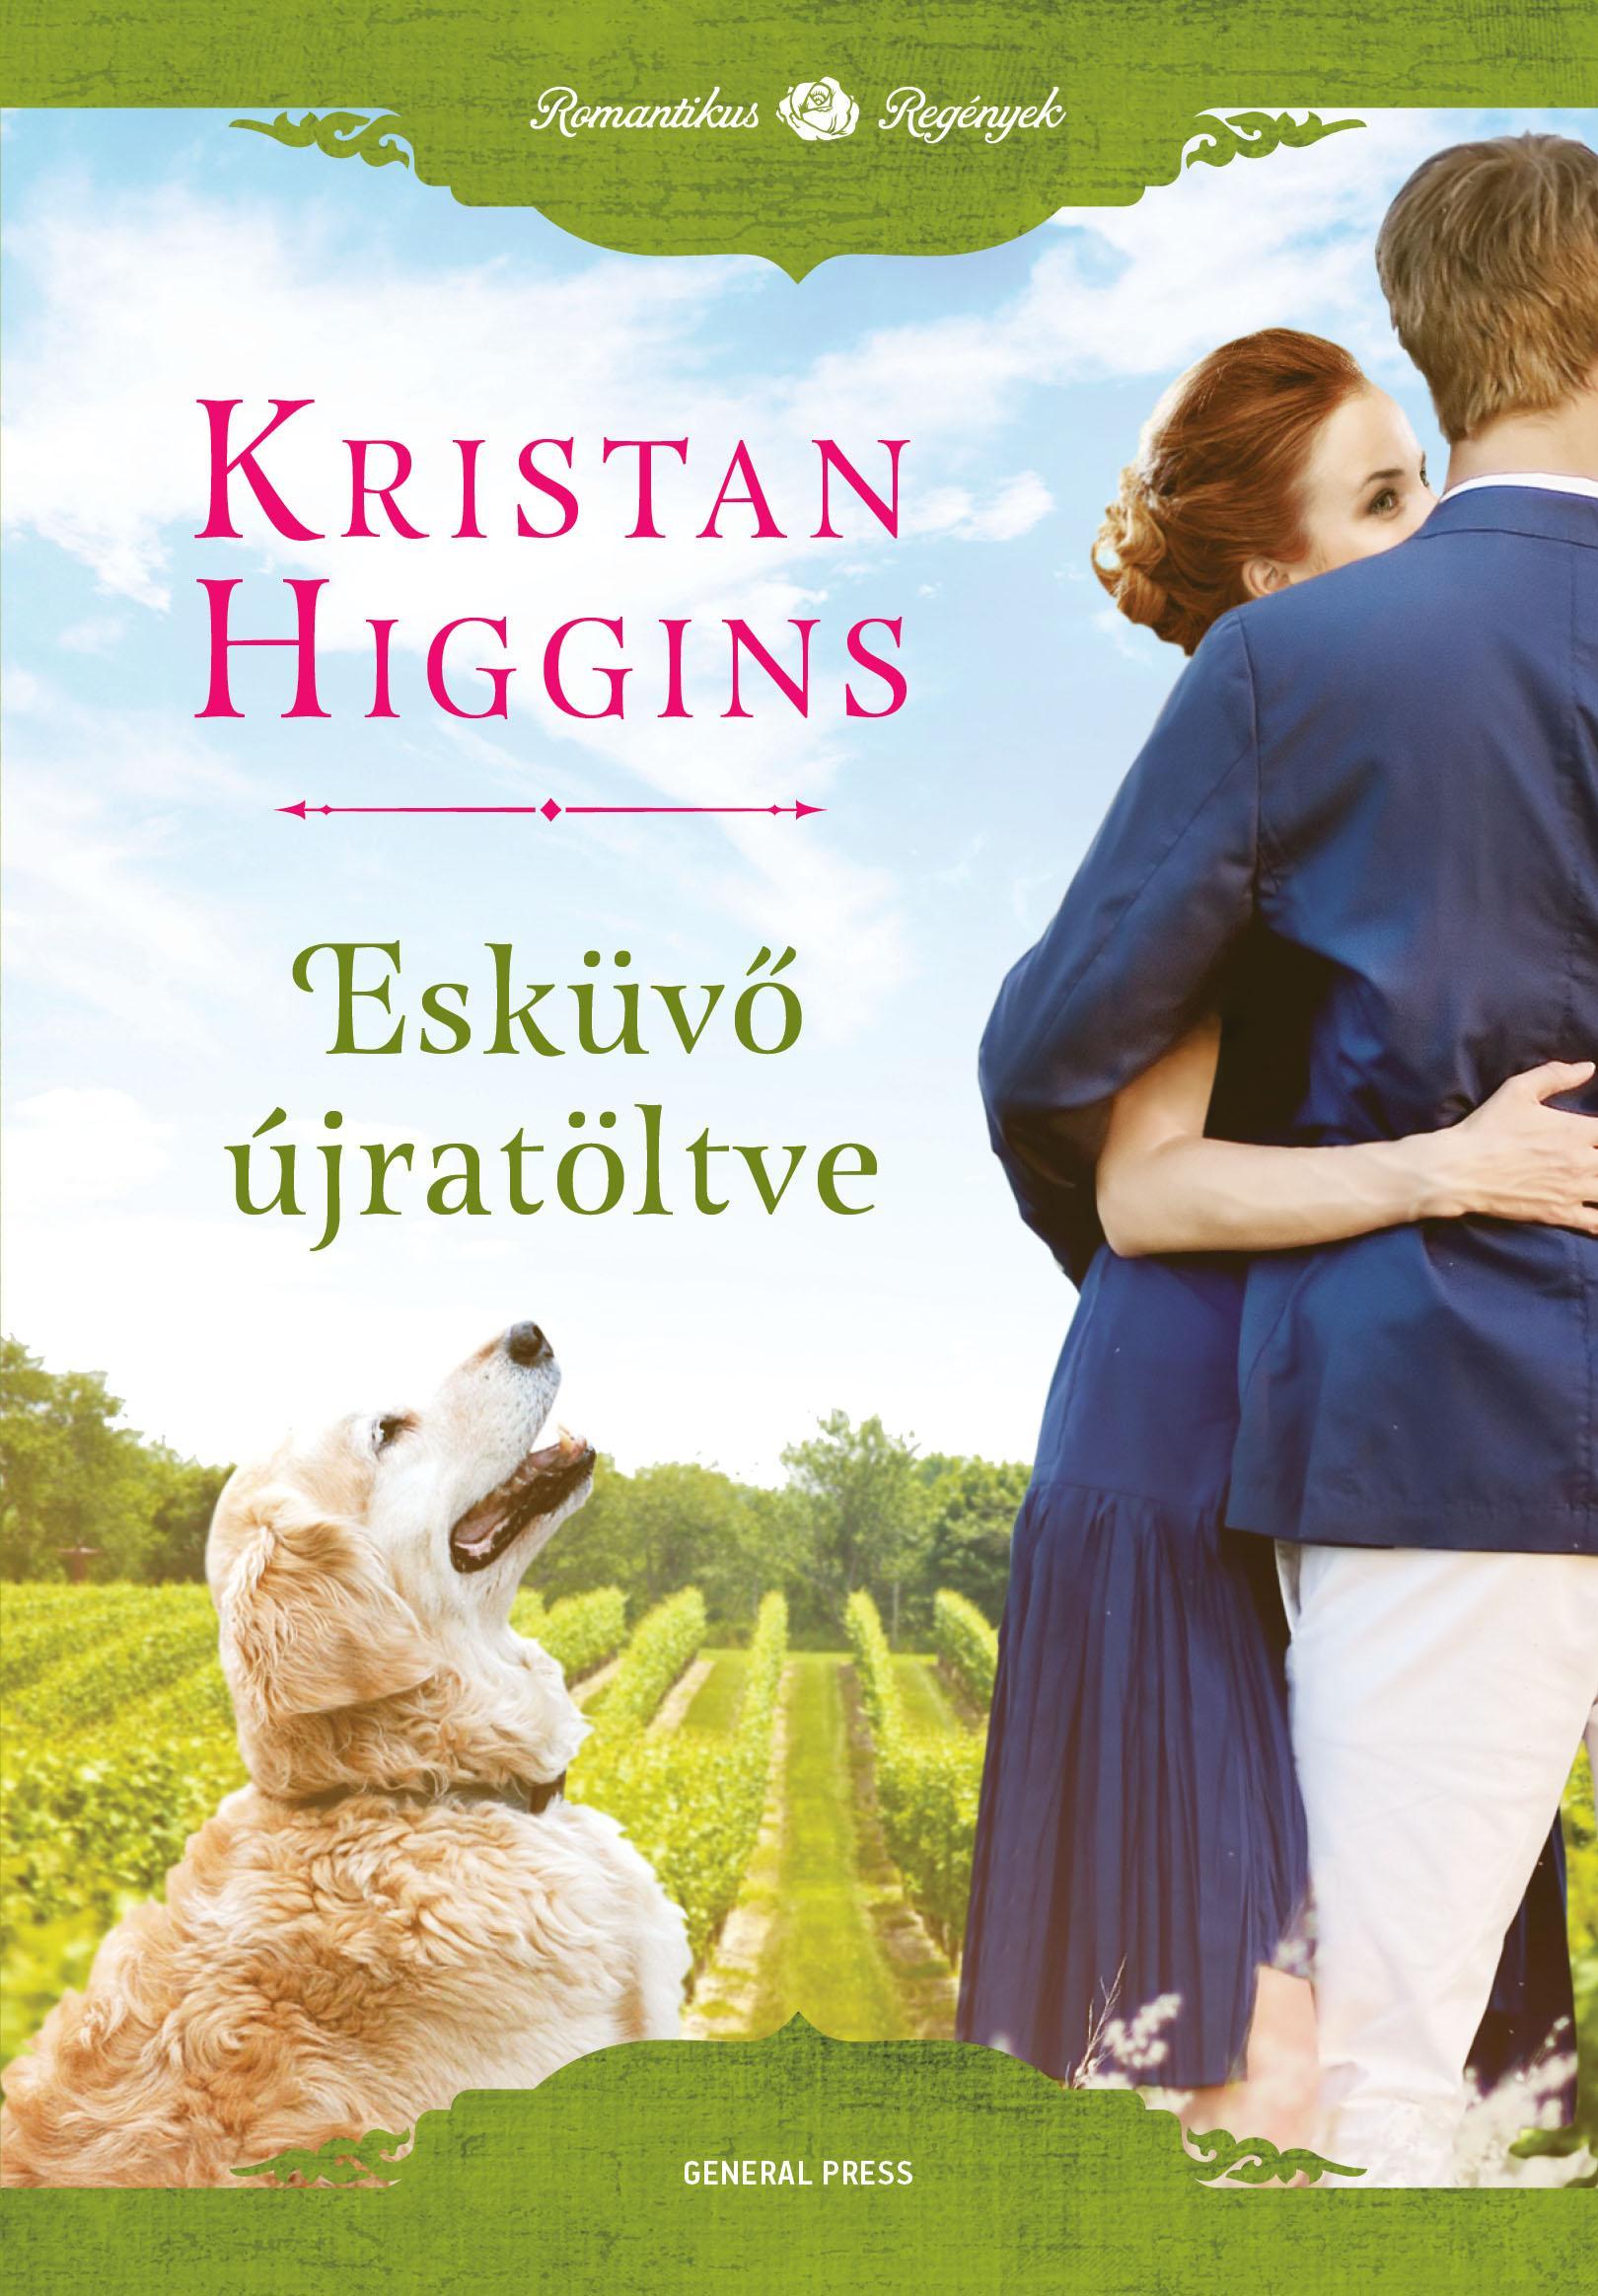 Kristan Higgins - Esküvő újratöltve